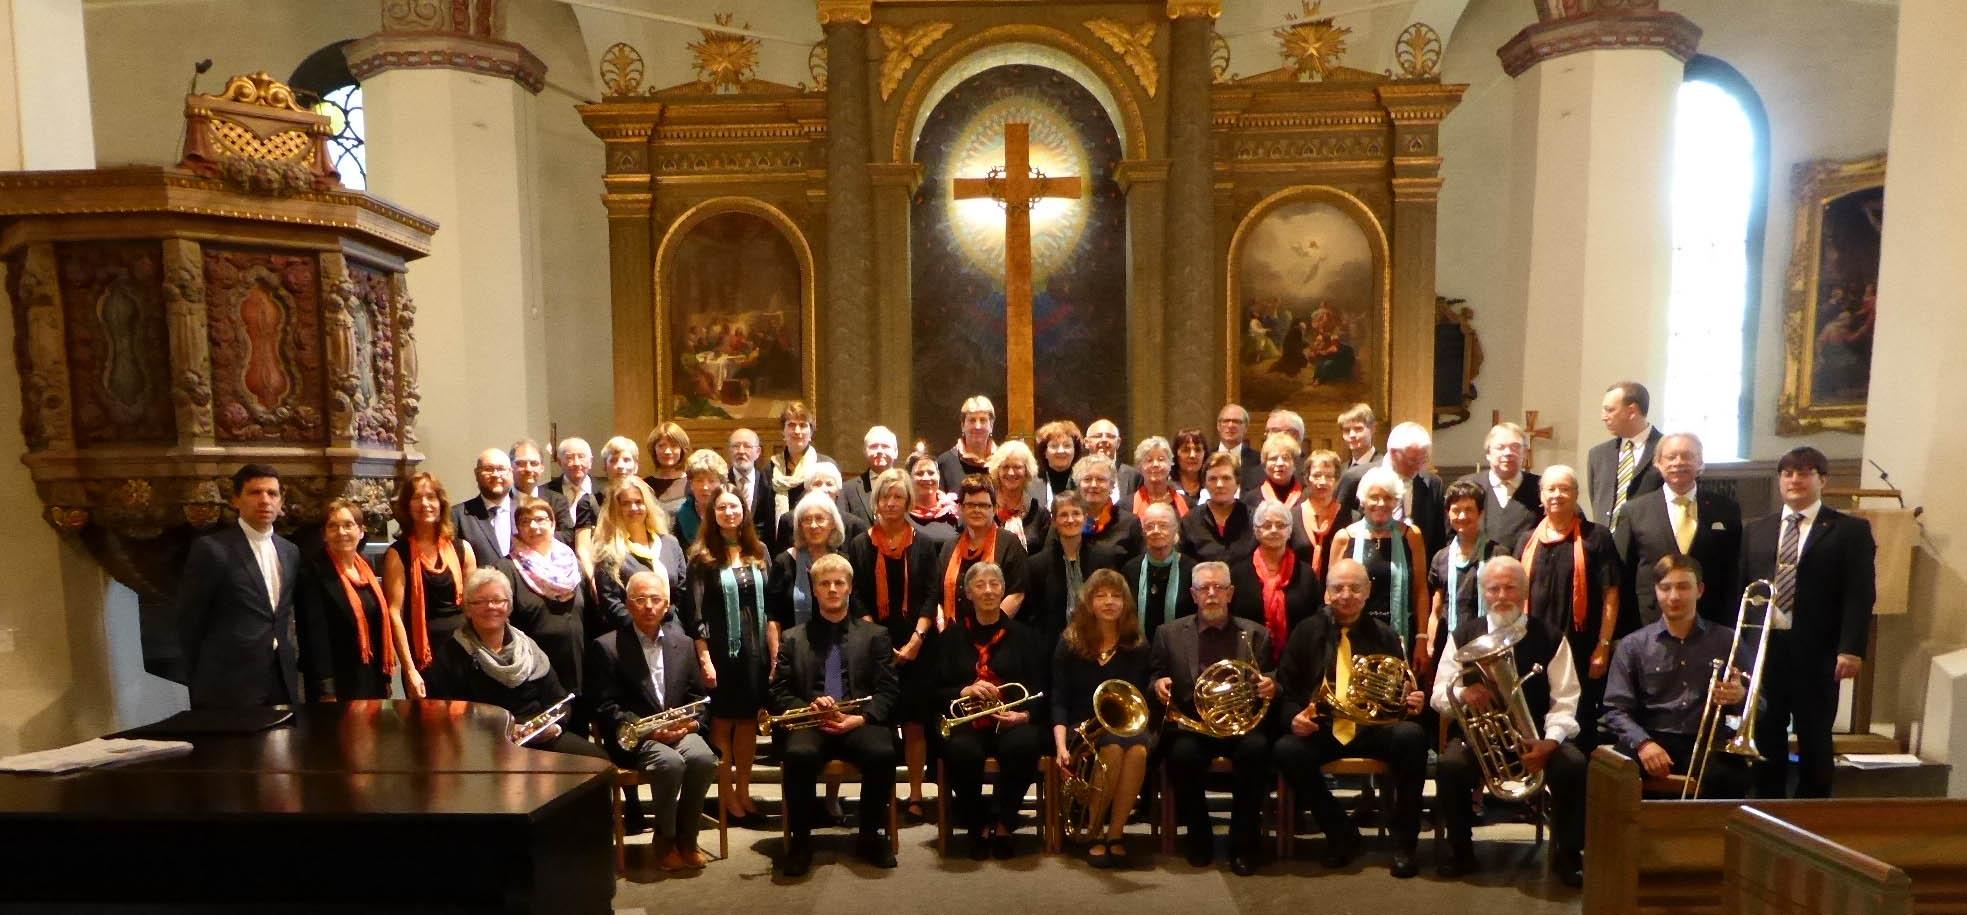 Konzert im Rahmen der Städtepartnerschaft Espelkamp - Borås